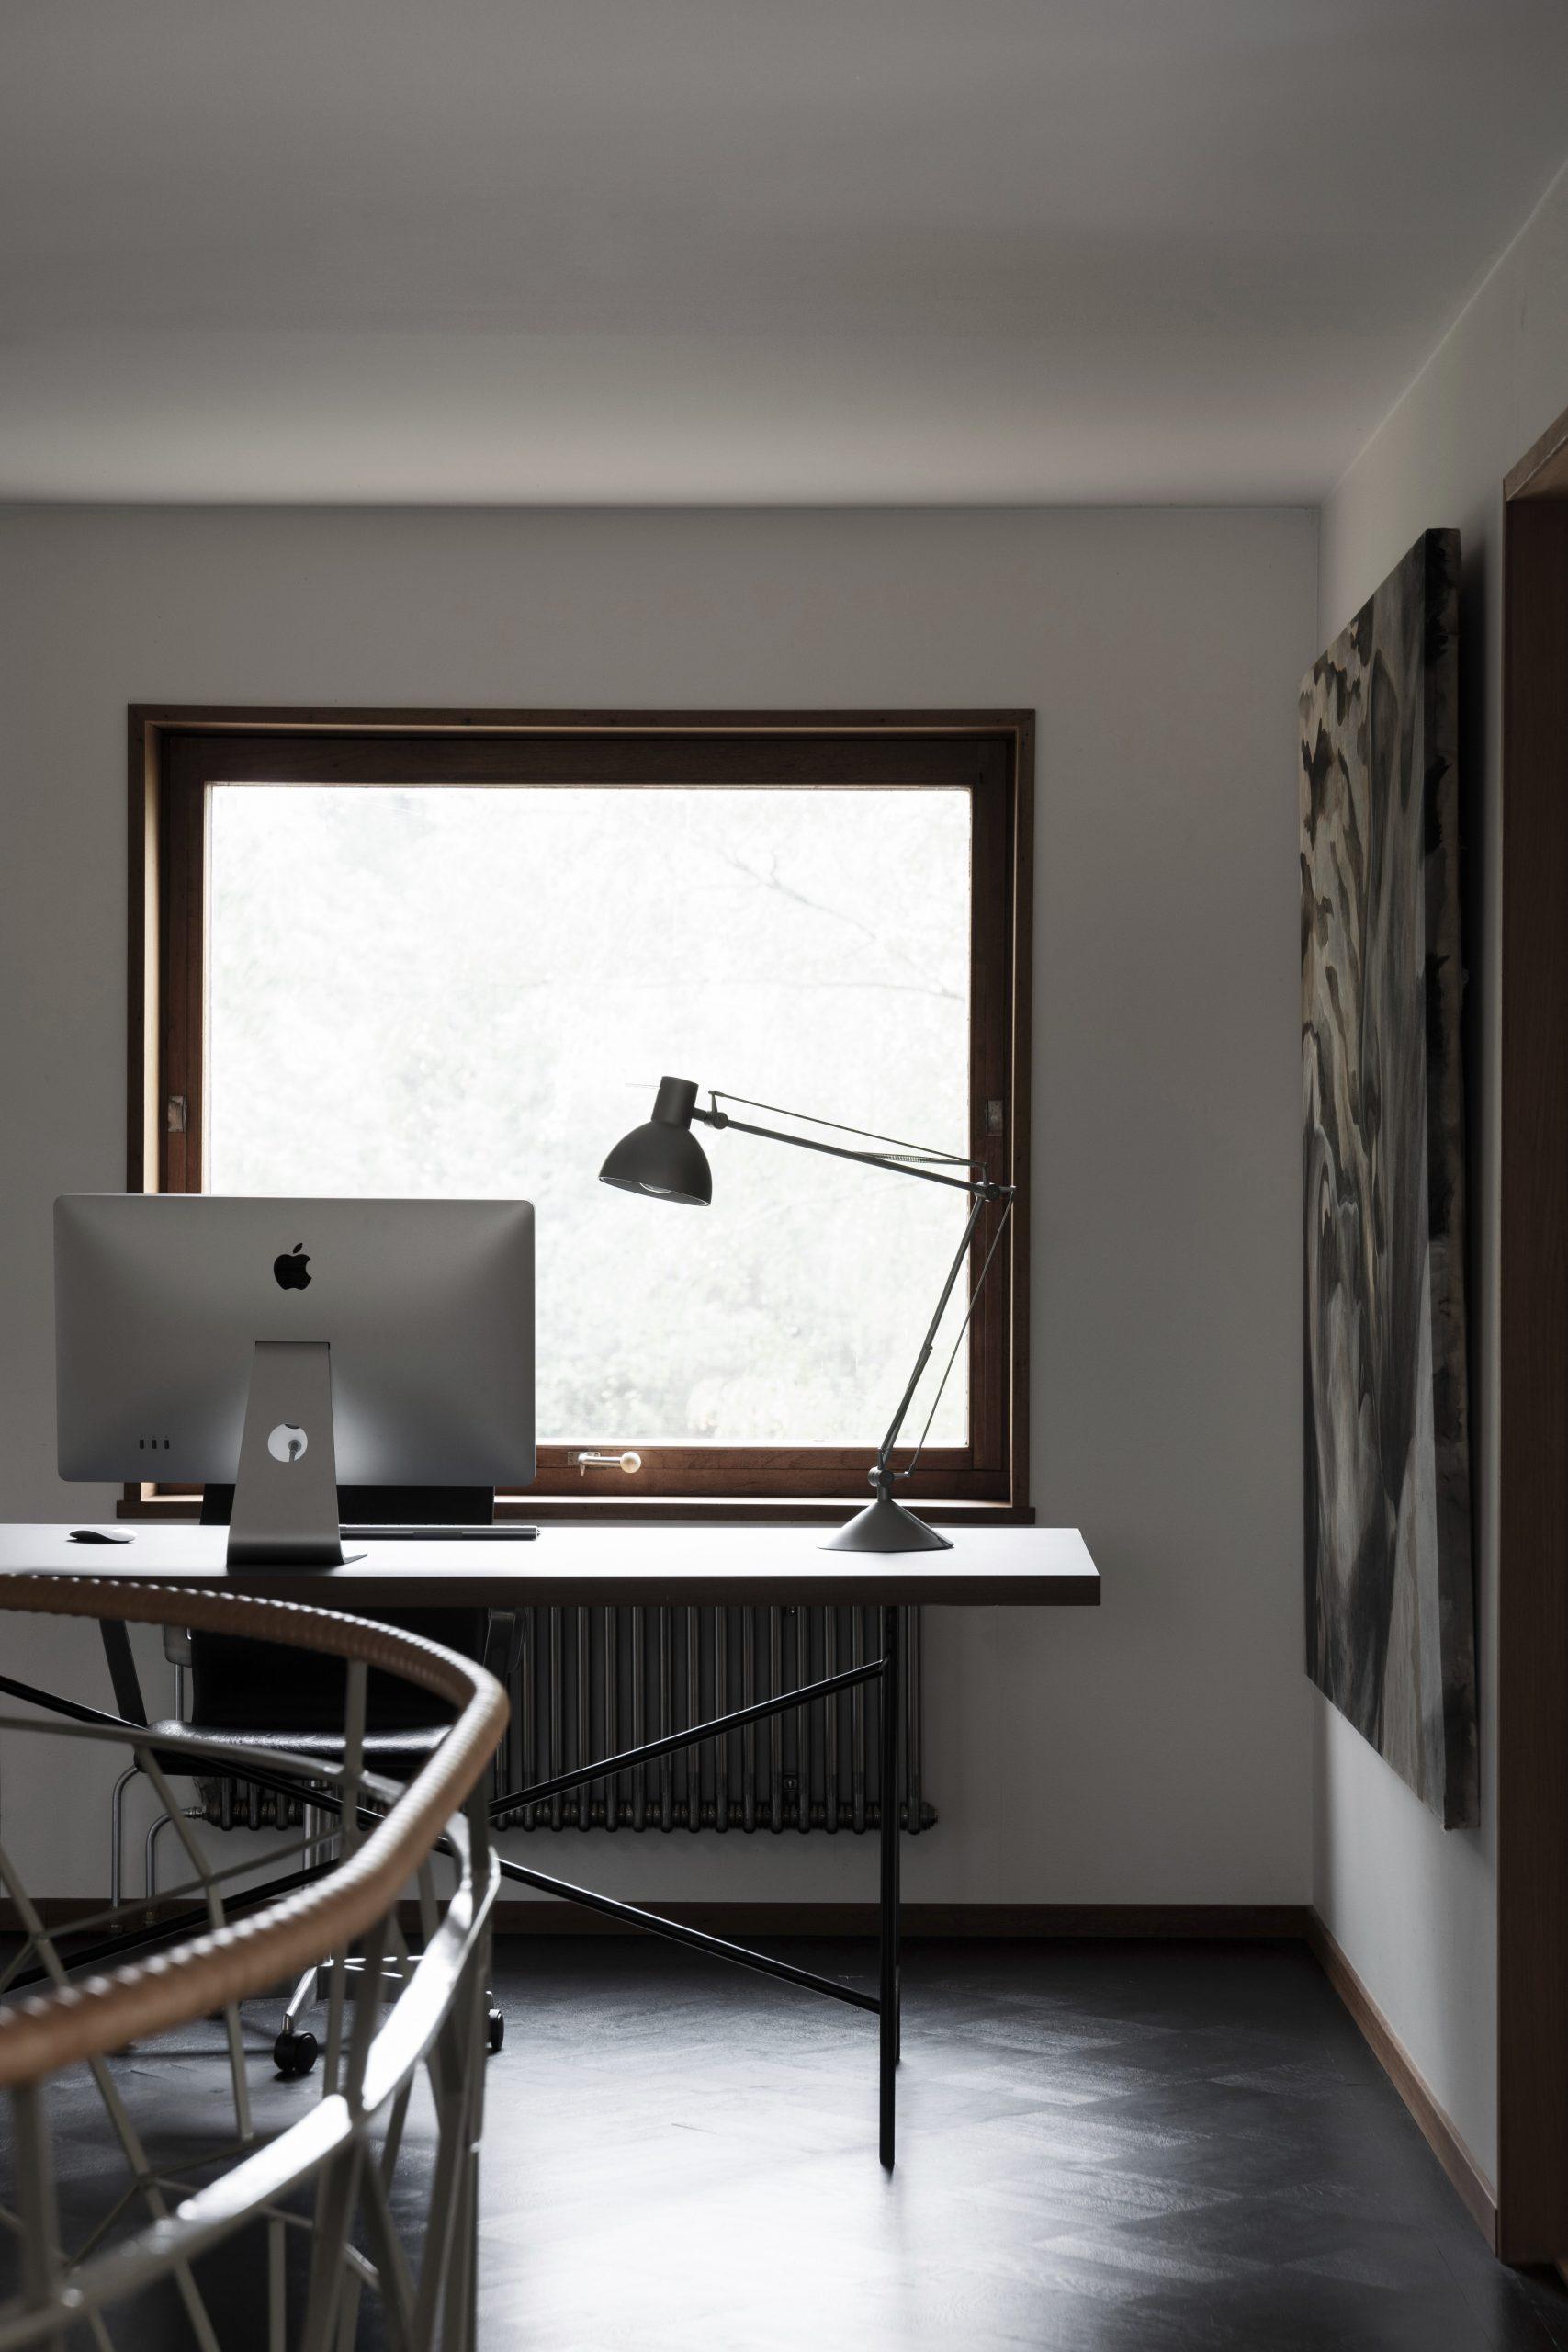 En inredningsblogg om inspiration för inredning & design